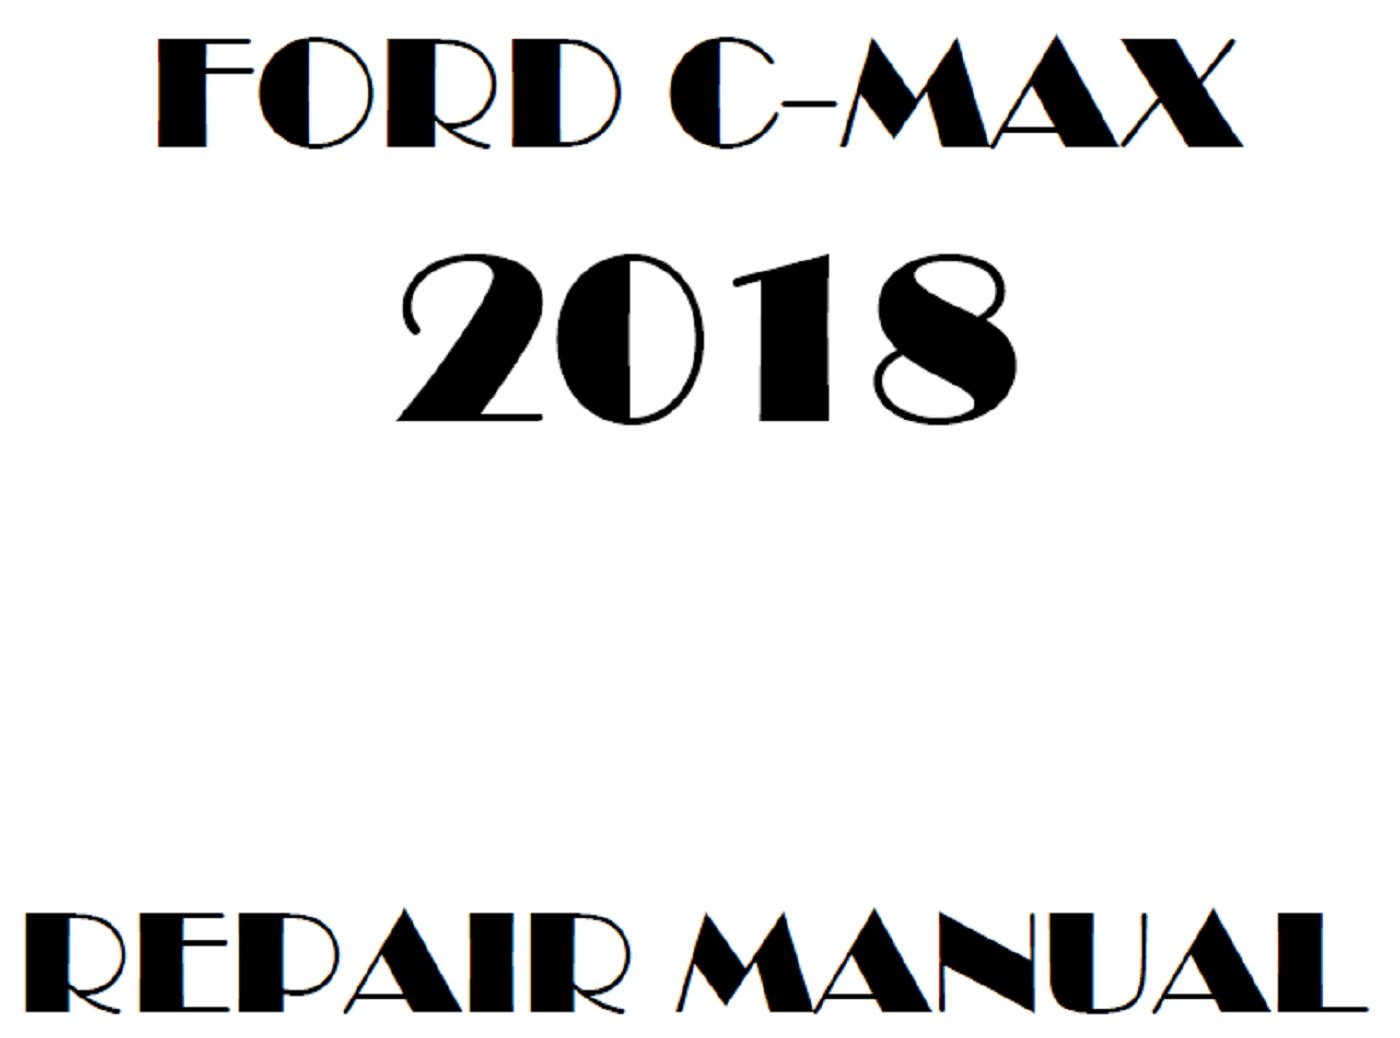 2018 Ford C-Max repair manual